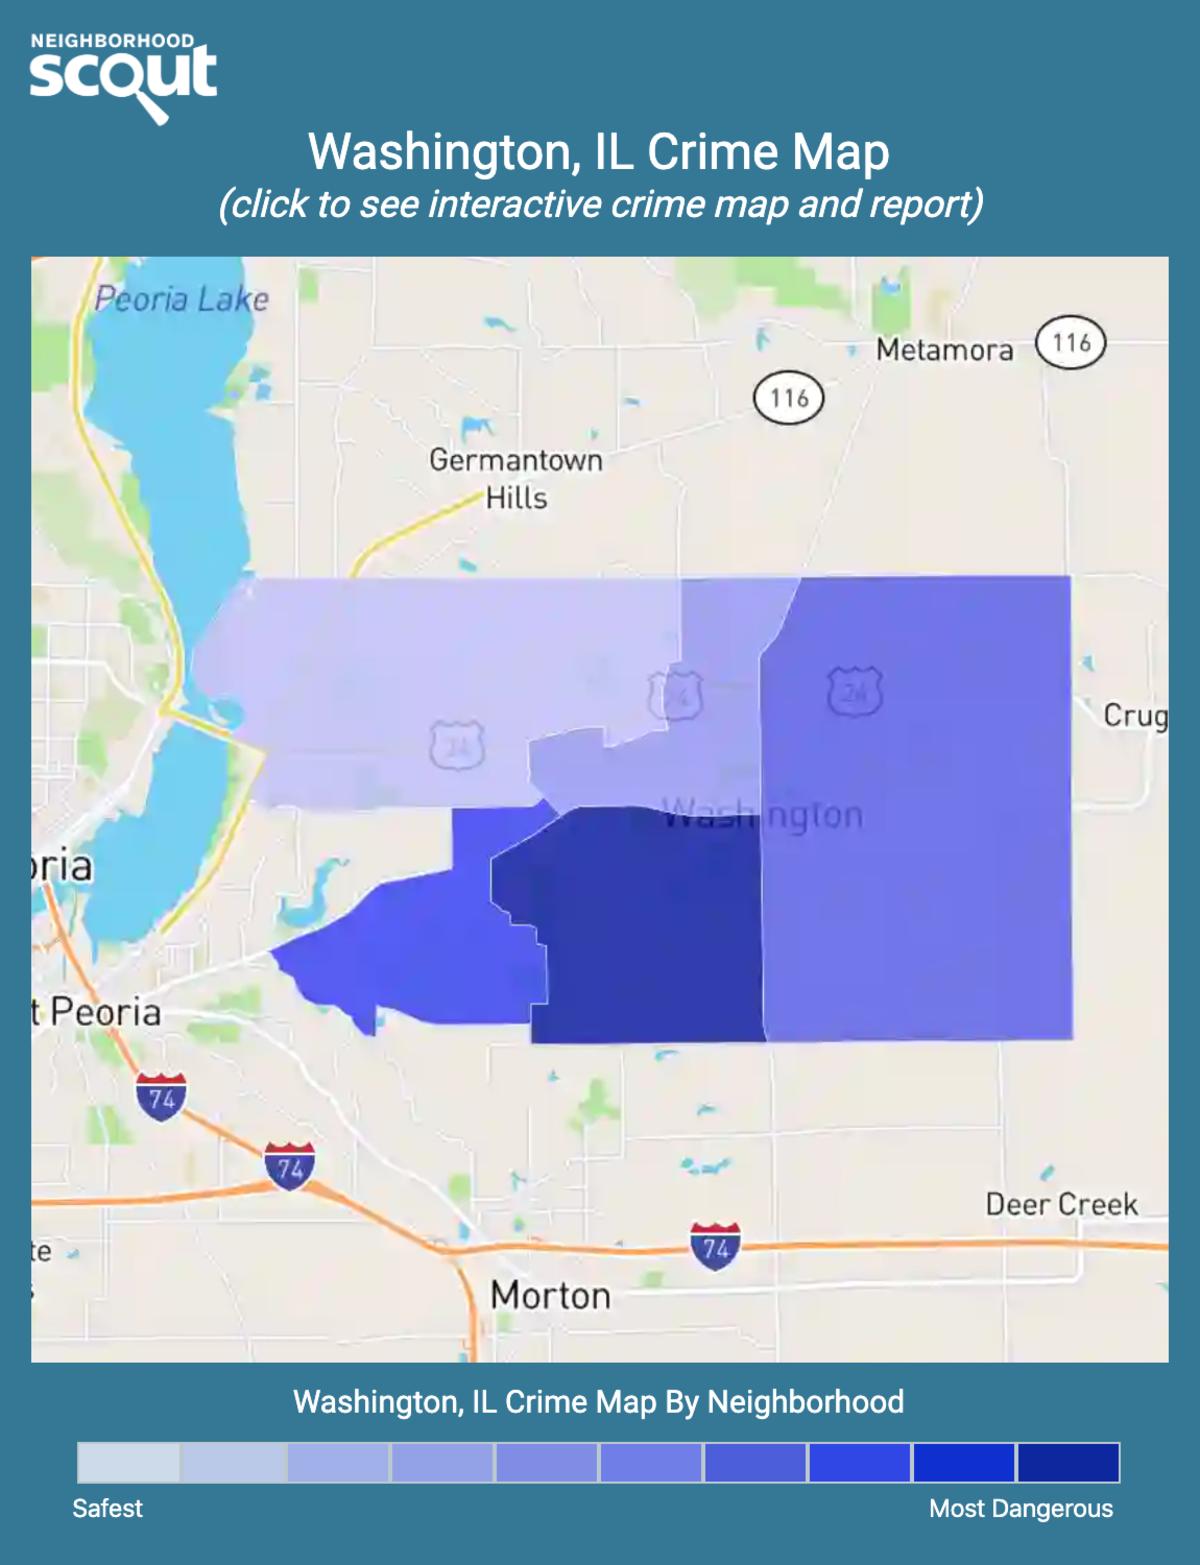 Washington, Illinois crime map